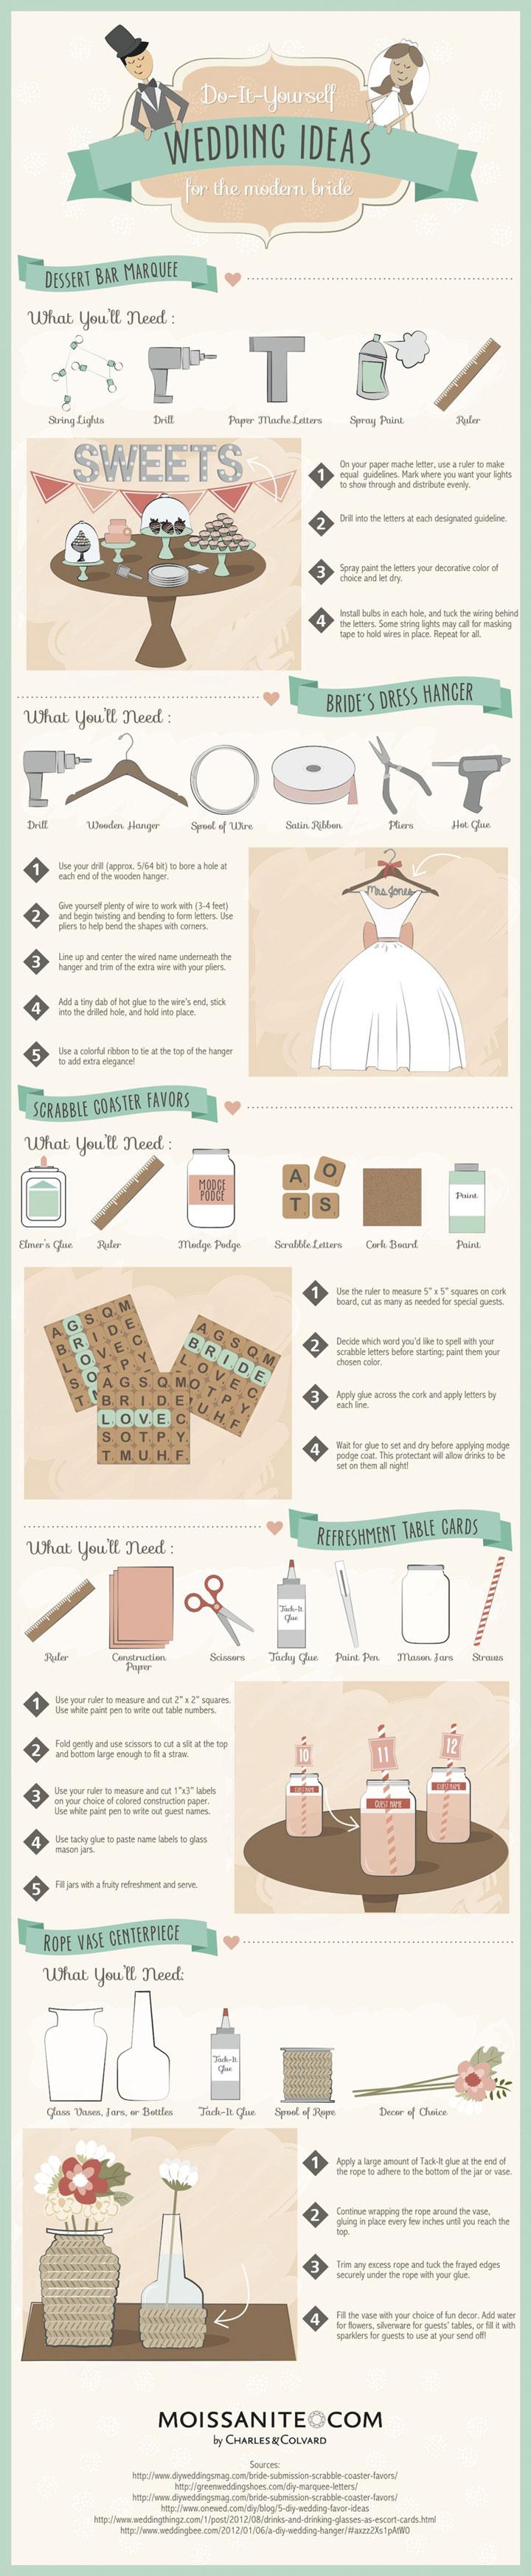 DIY-Wedding-Ideas-on-a-Budget